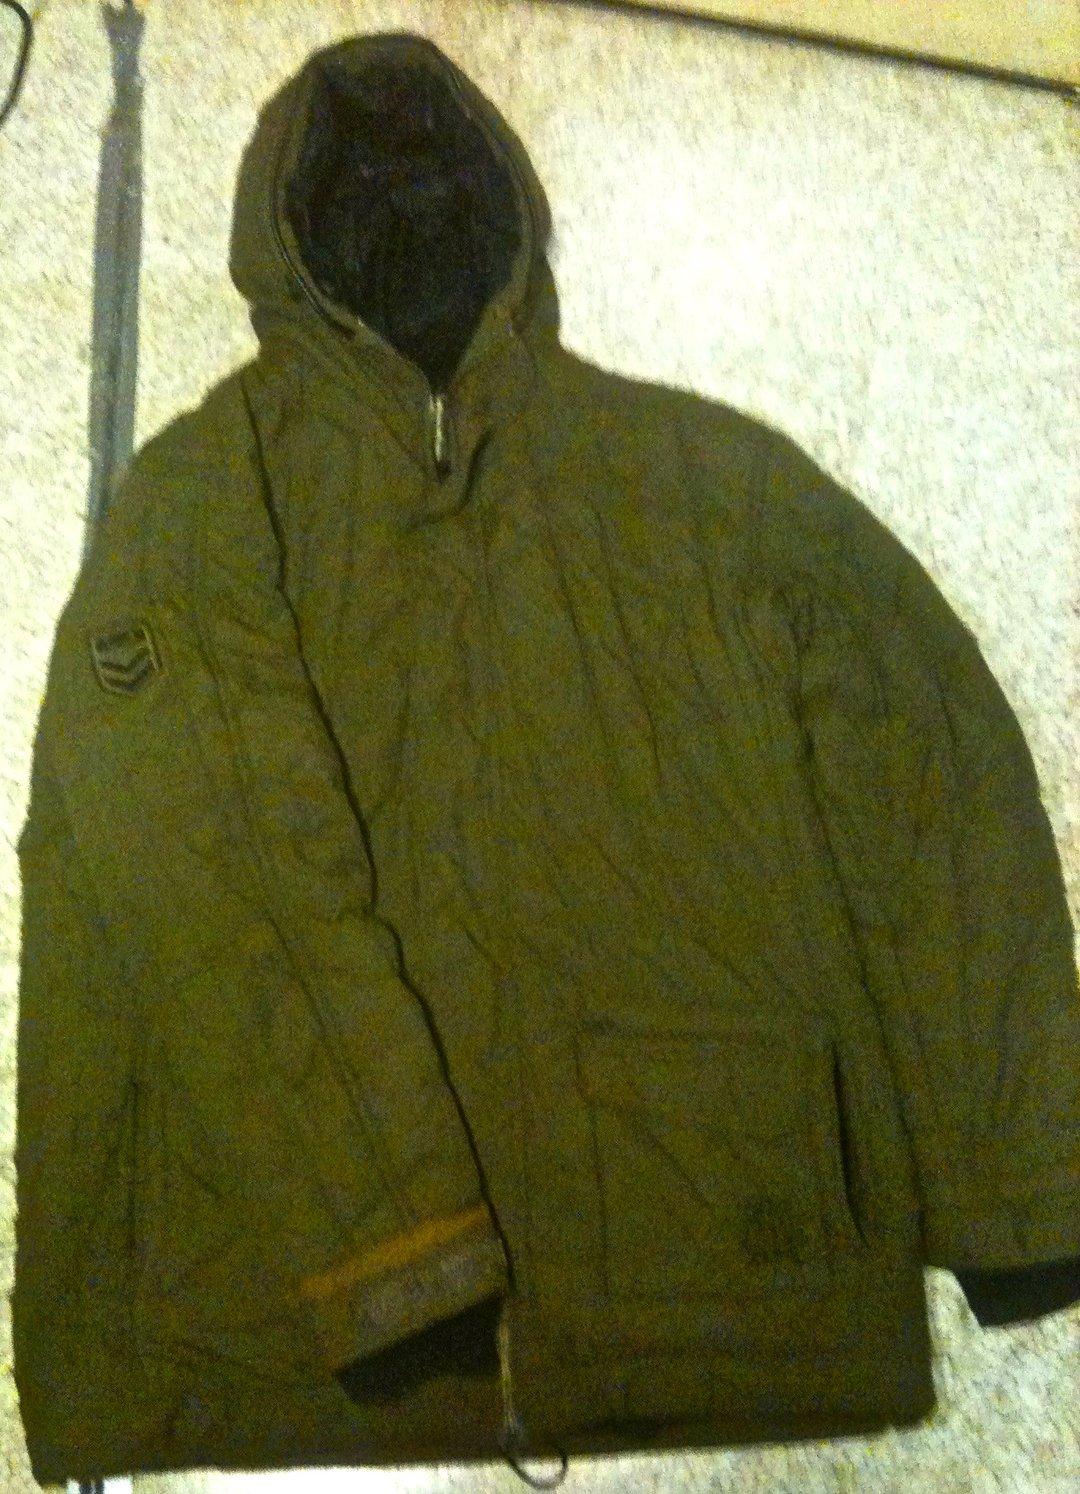 thread jacket